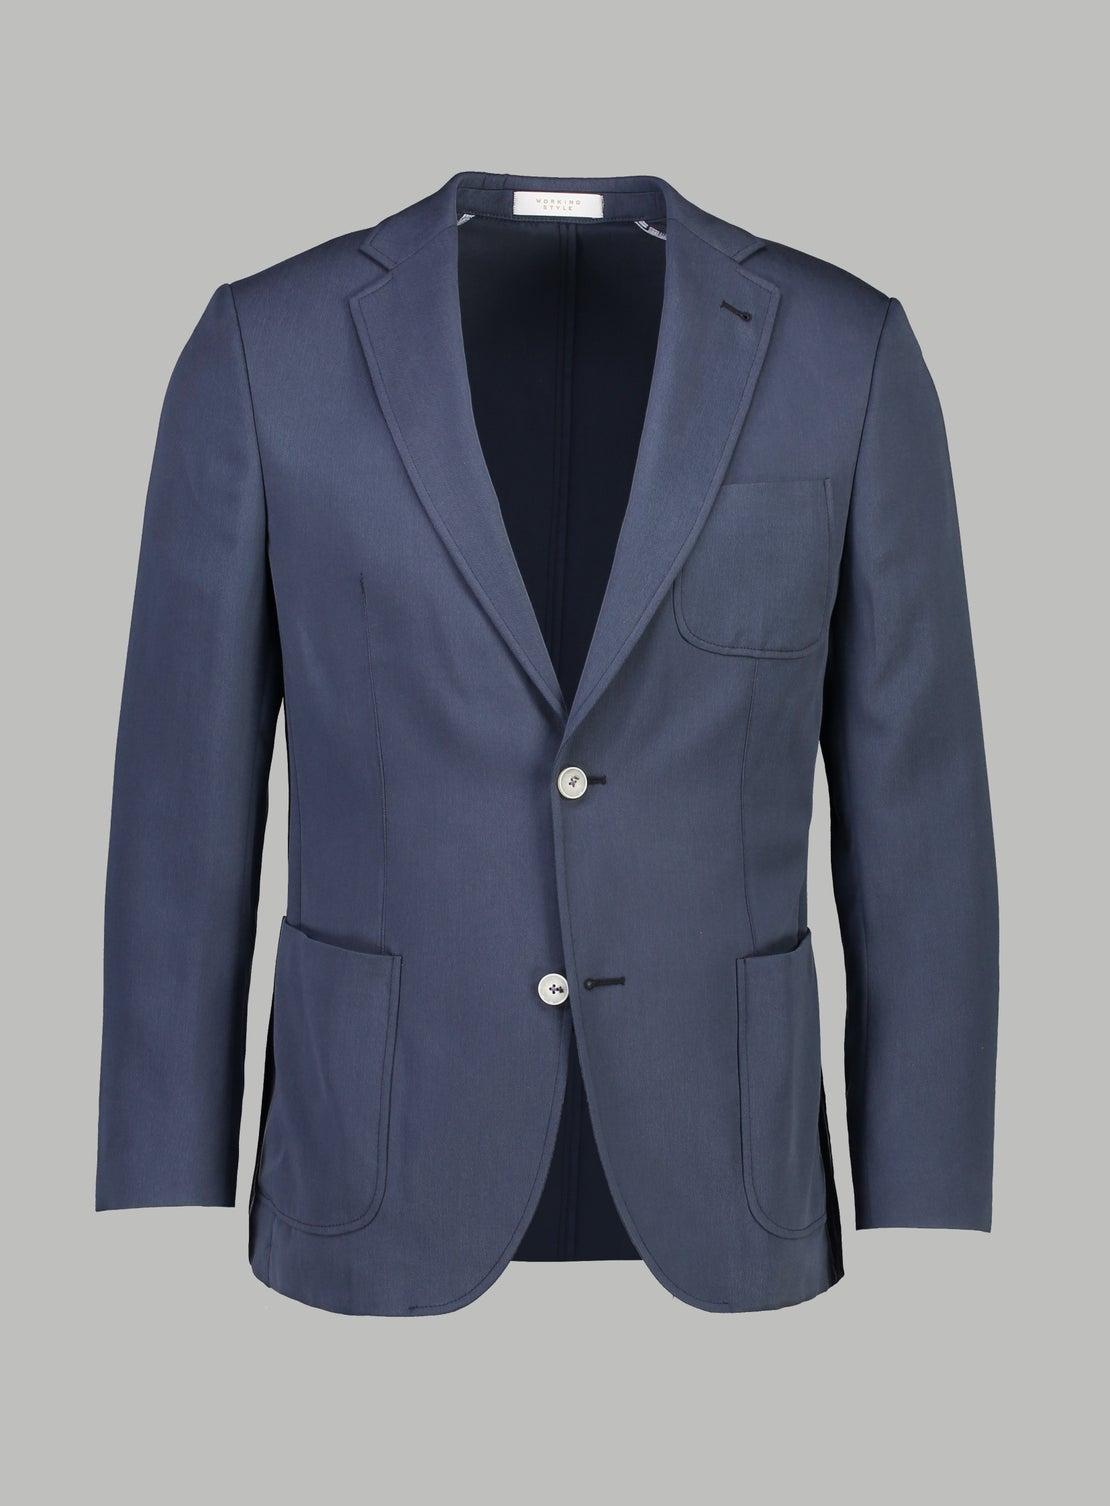 Gianni Light Blue Jacket